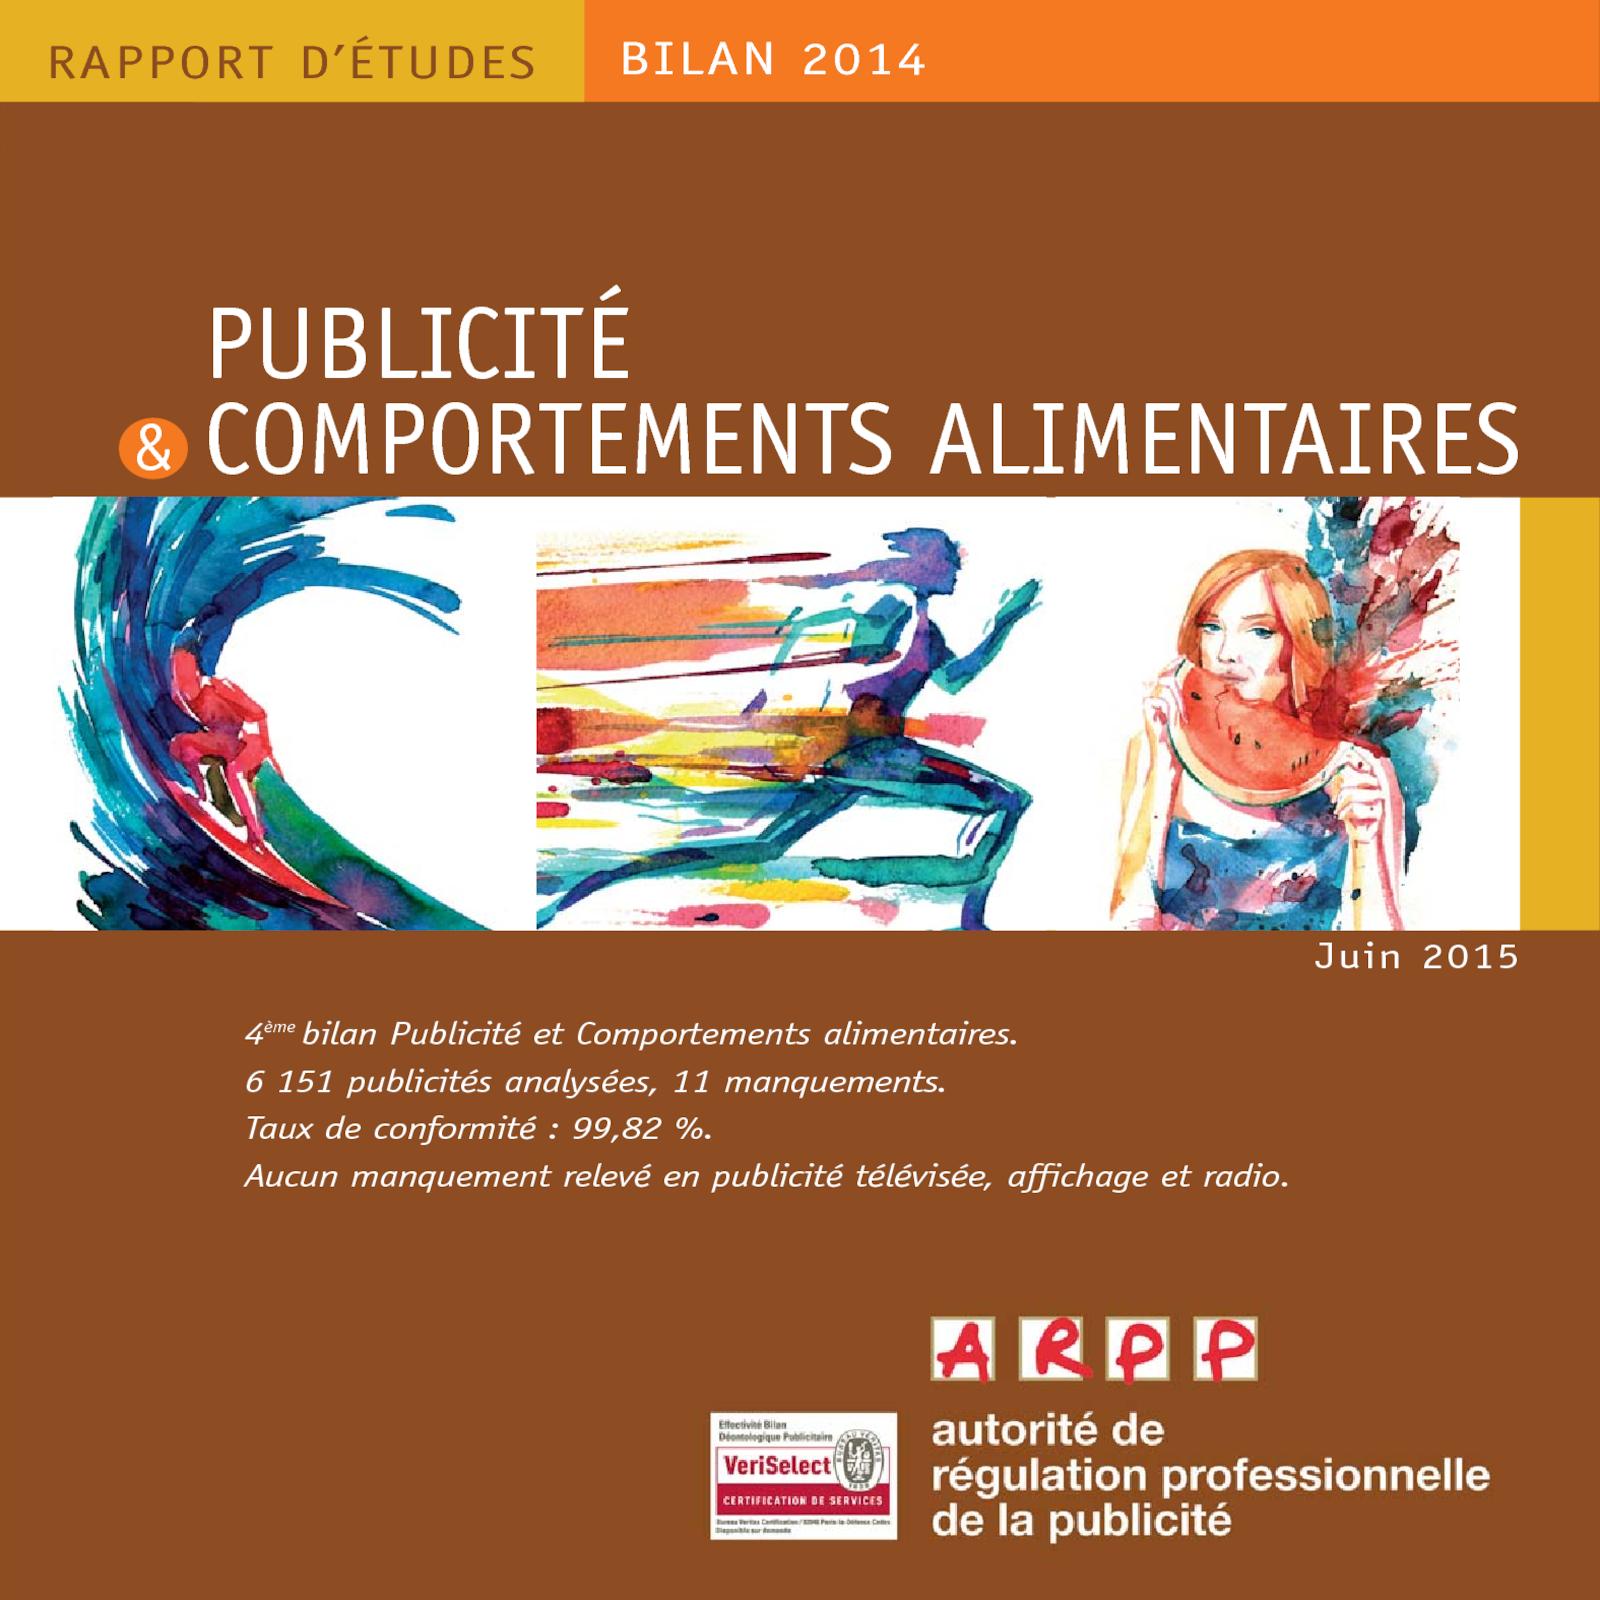 Bilan Publicité et Comportements Alimentaires 2014